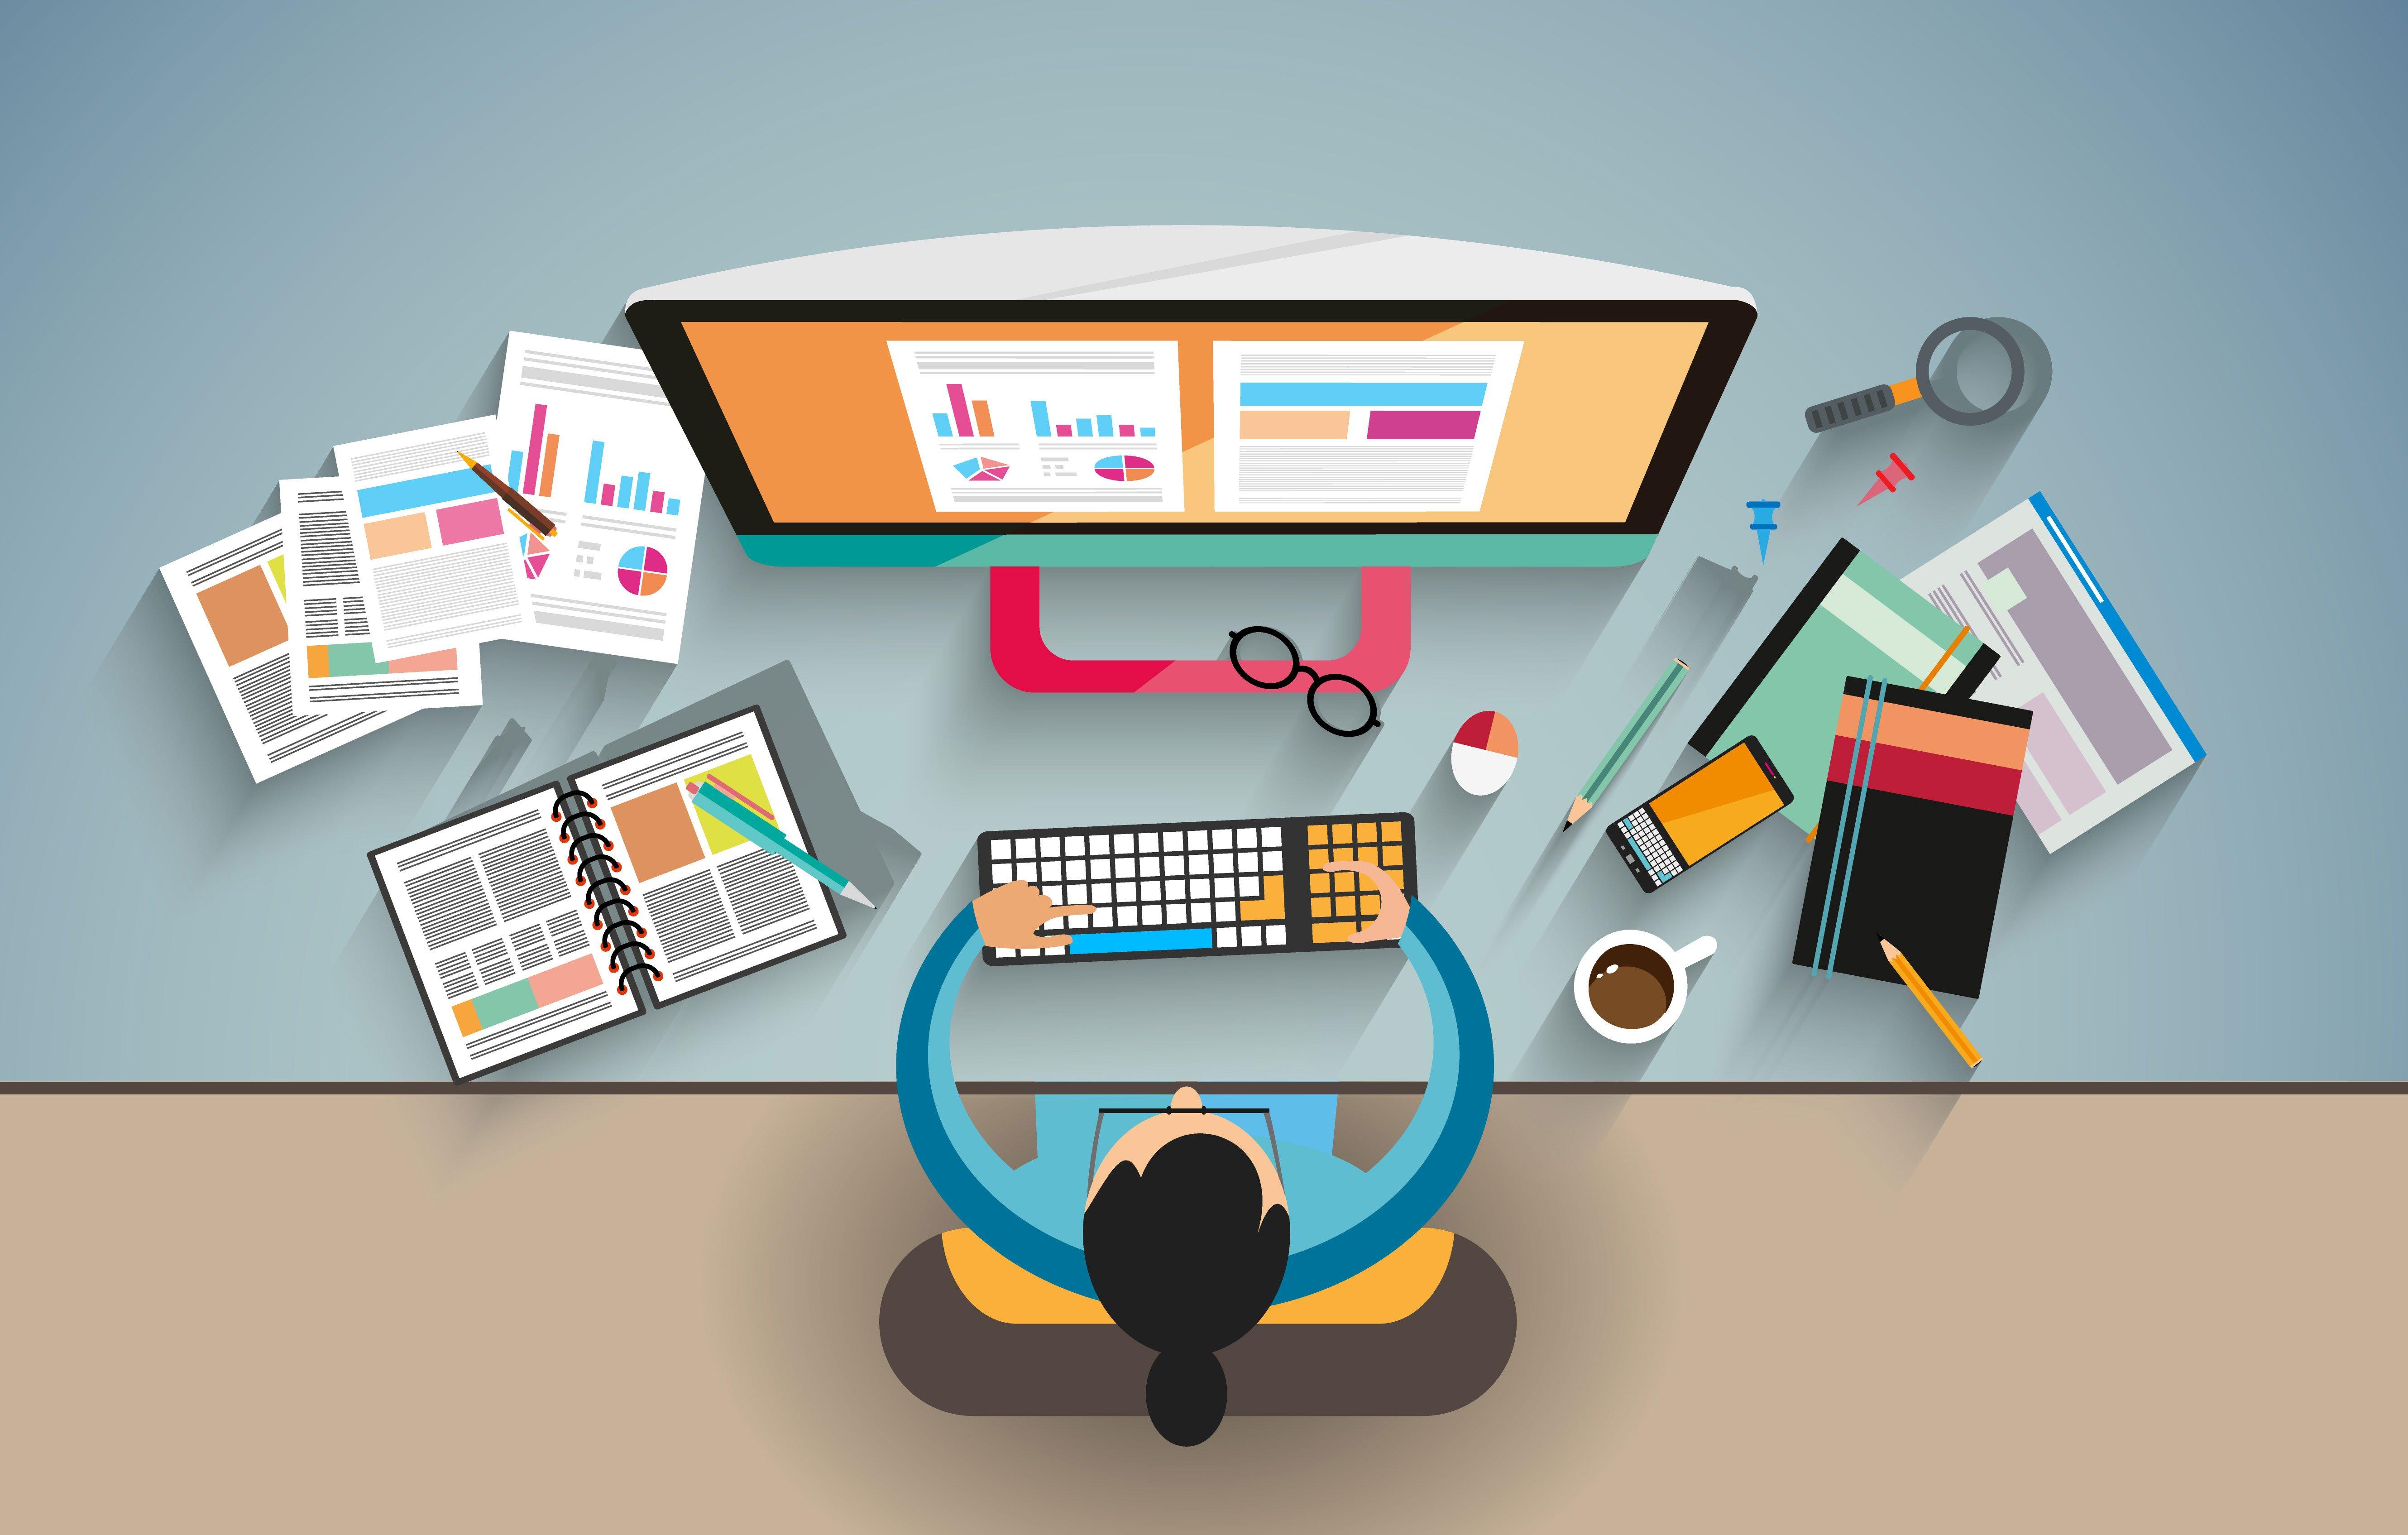 طراحی و توسعه نرم افزار های تحت وب